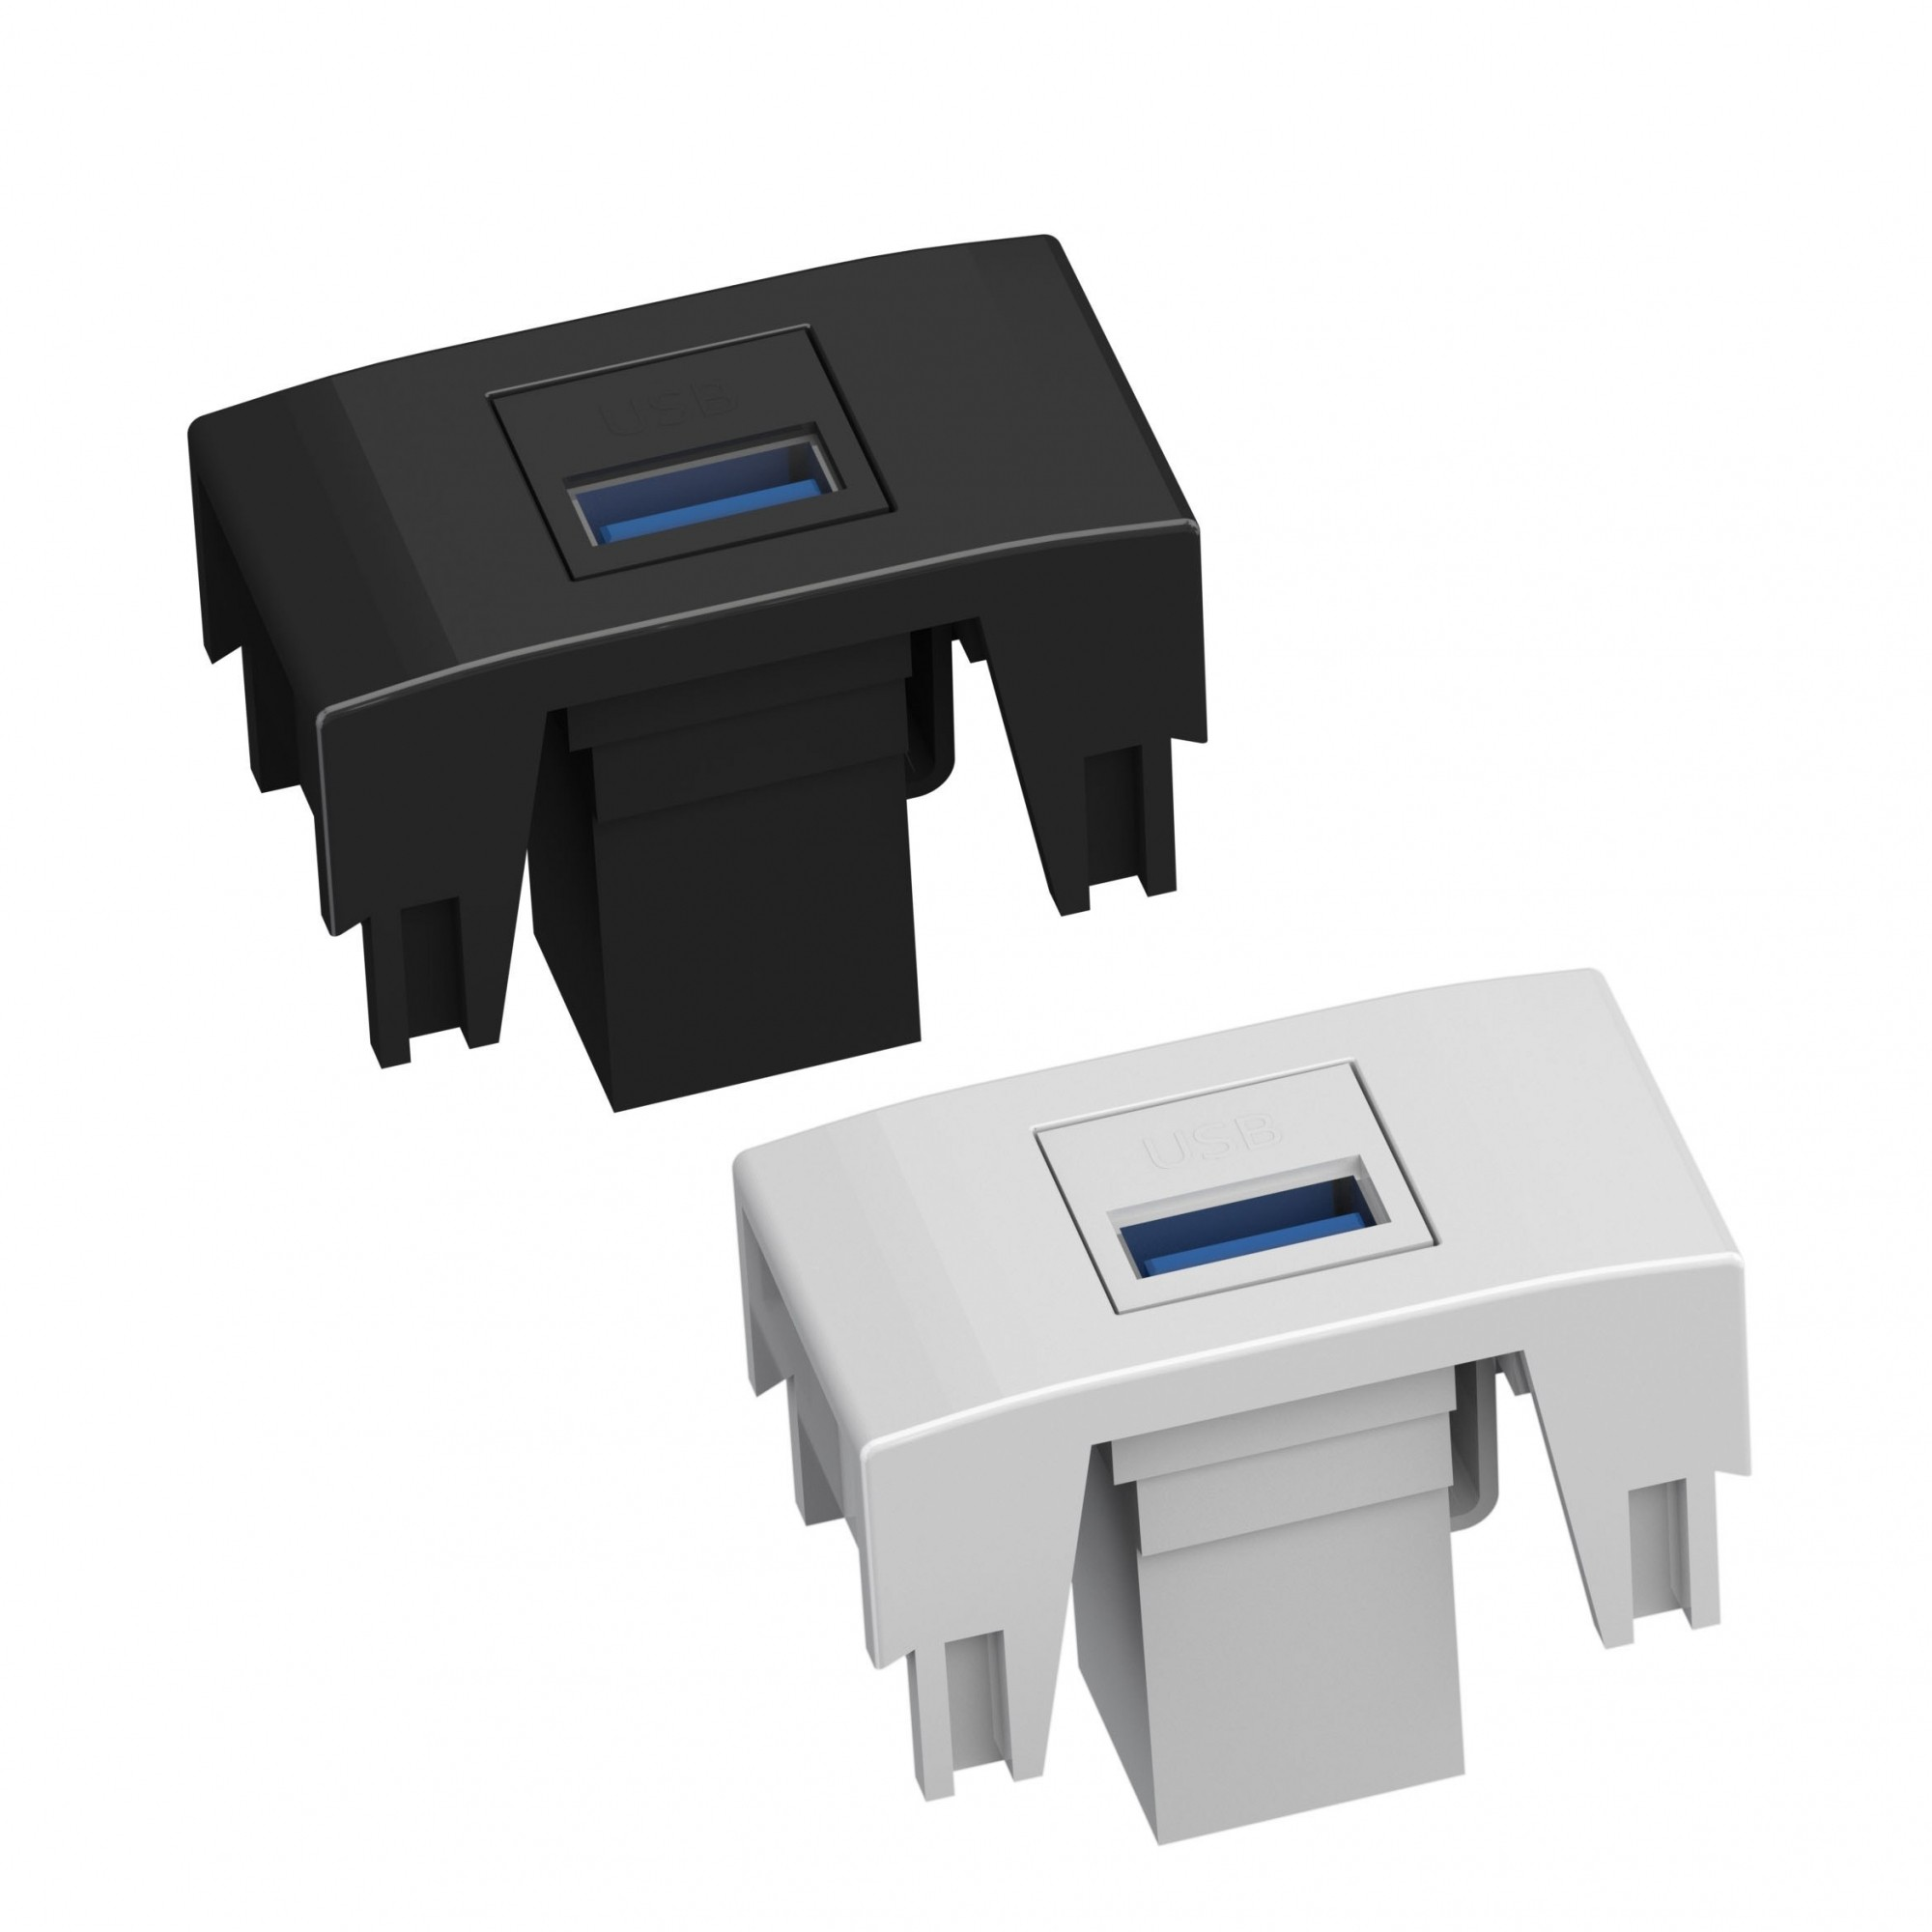 Módulo USB 3.0 P/Caixa de Tomada - Preto